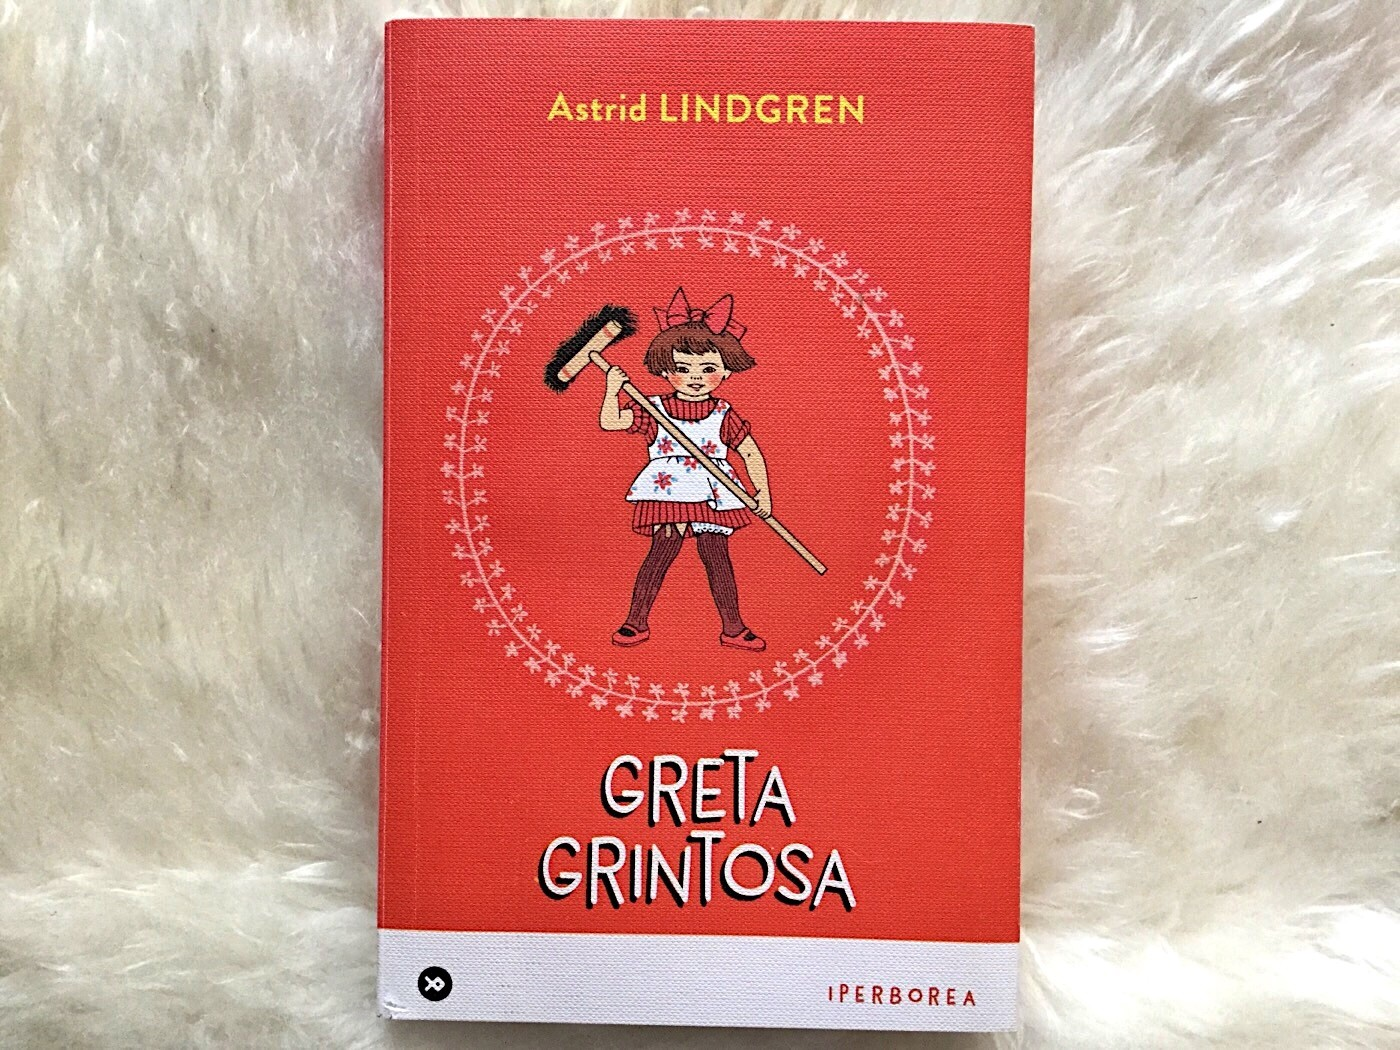 greta-grintosa-astrid-lindgren-iperborea-galline-volanti